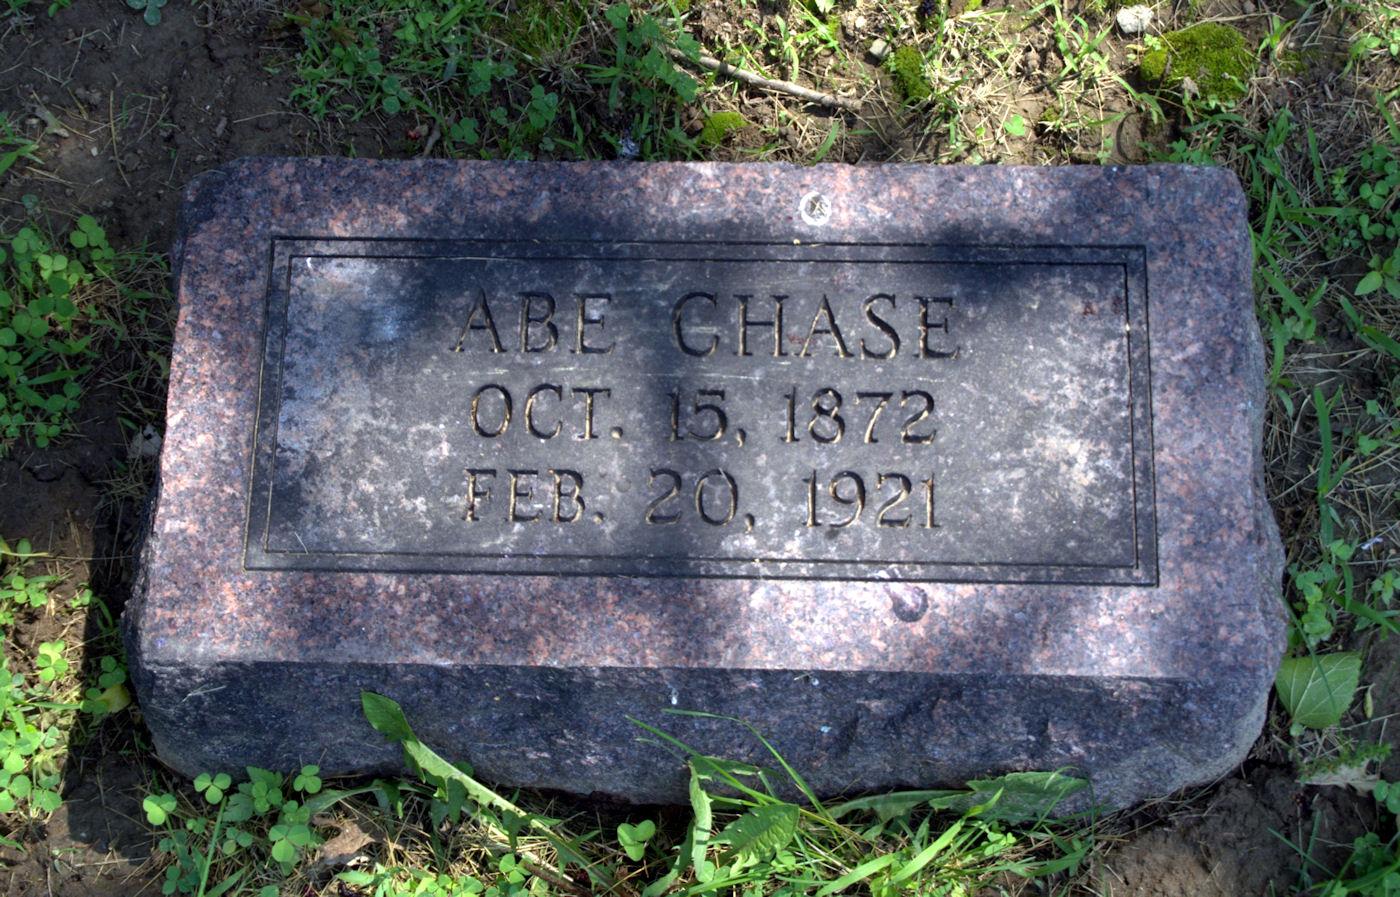 Abe Chase